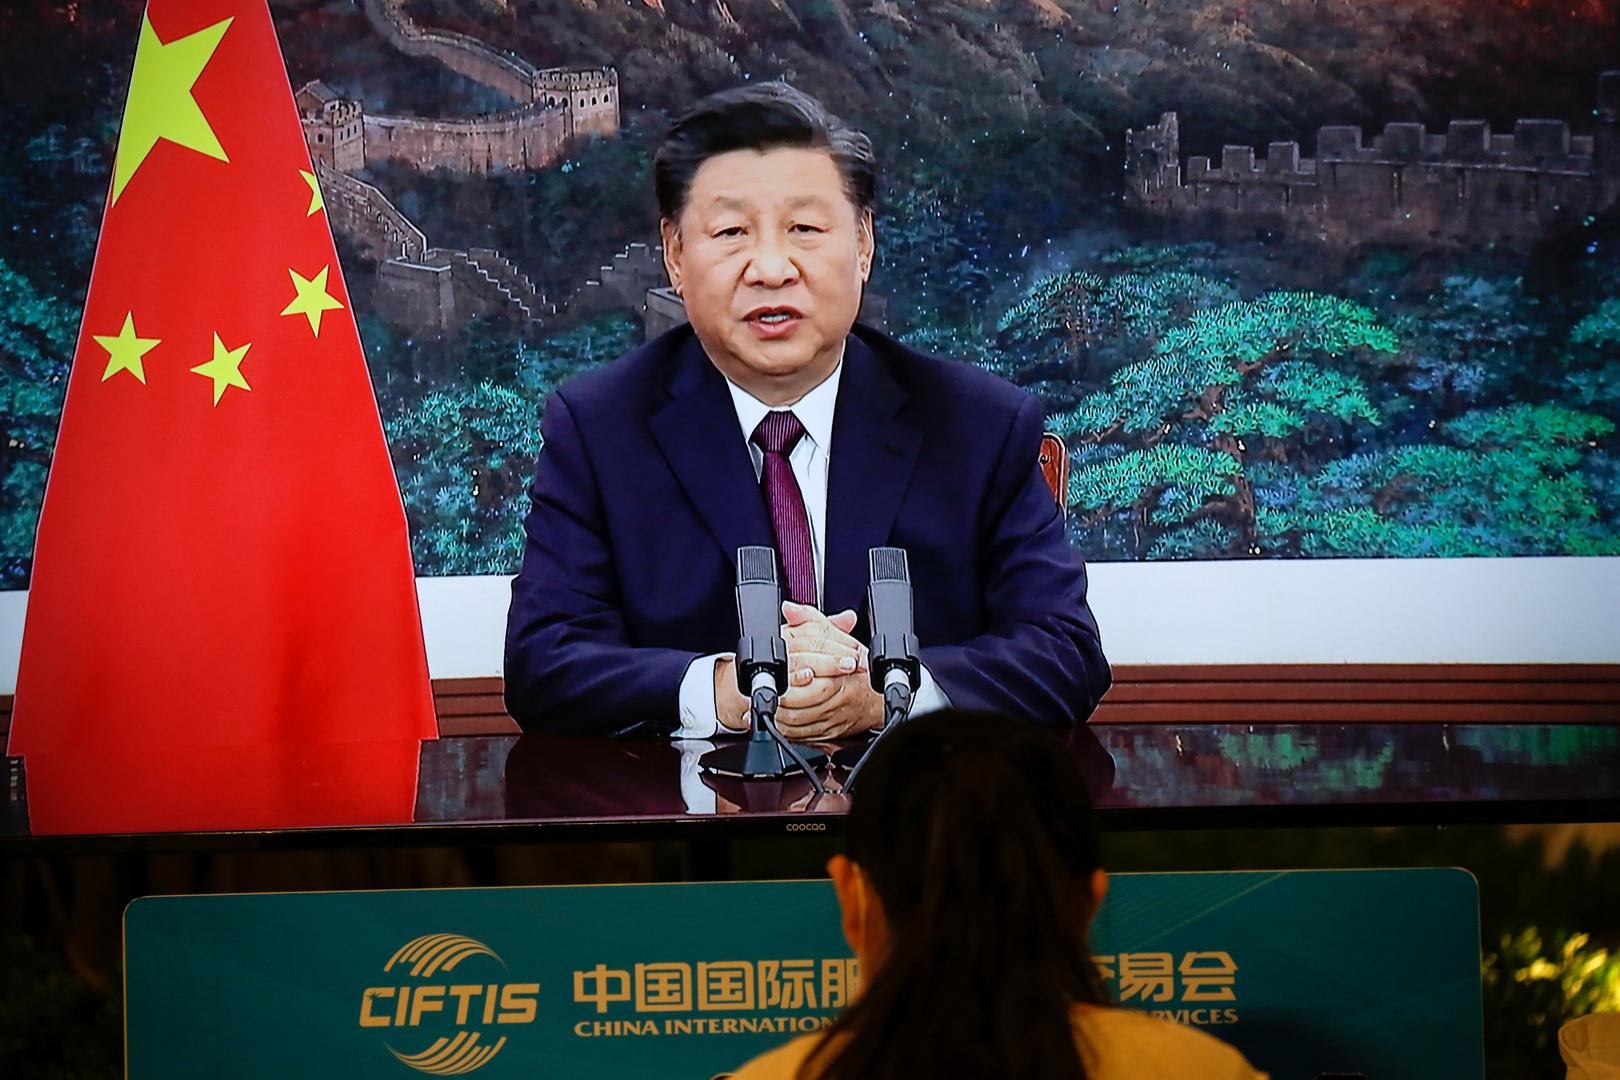 الصين: لن نسعى للهيمنة ولن نشارك في سباق تسلح